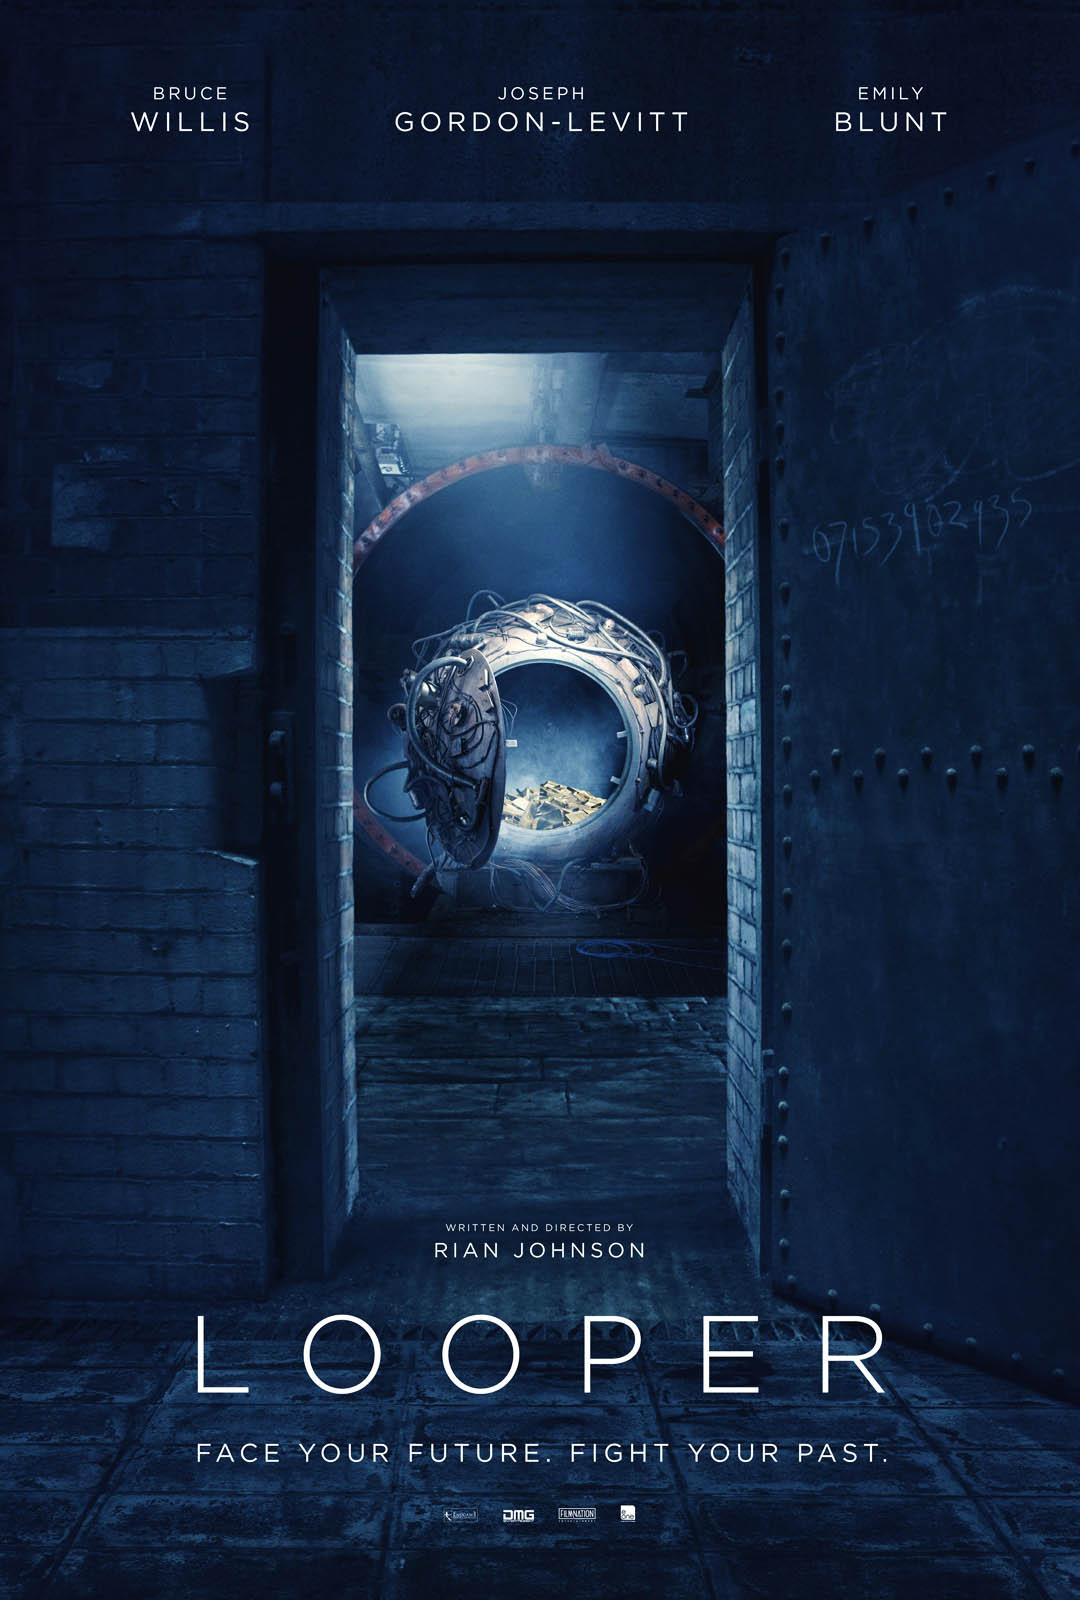 Looper_Movie_Poster_2-Vvallpaper.Net